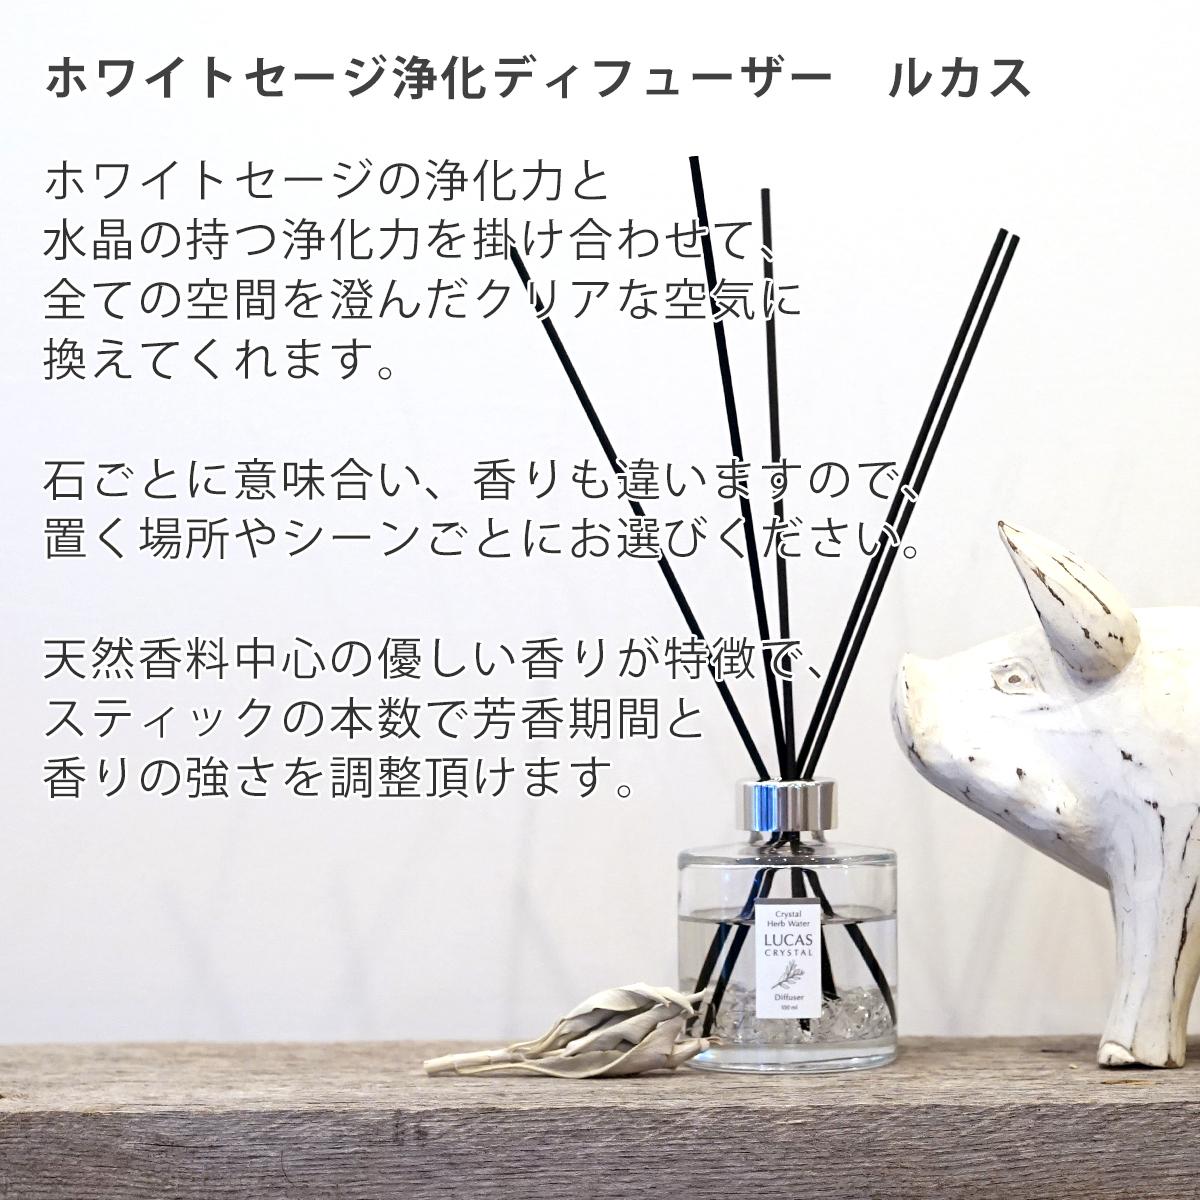 浄化ディフューザー ルカス 【アメジスト】